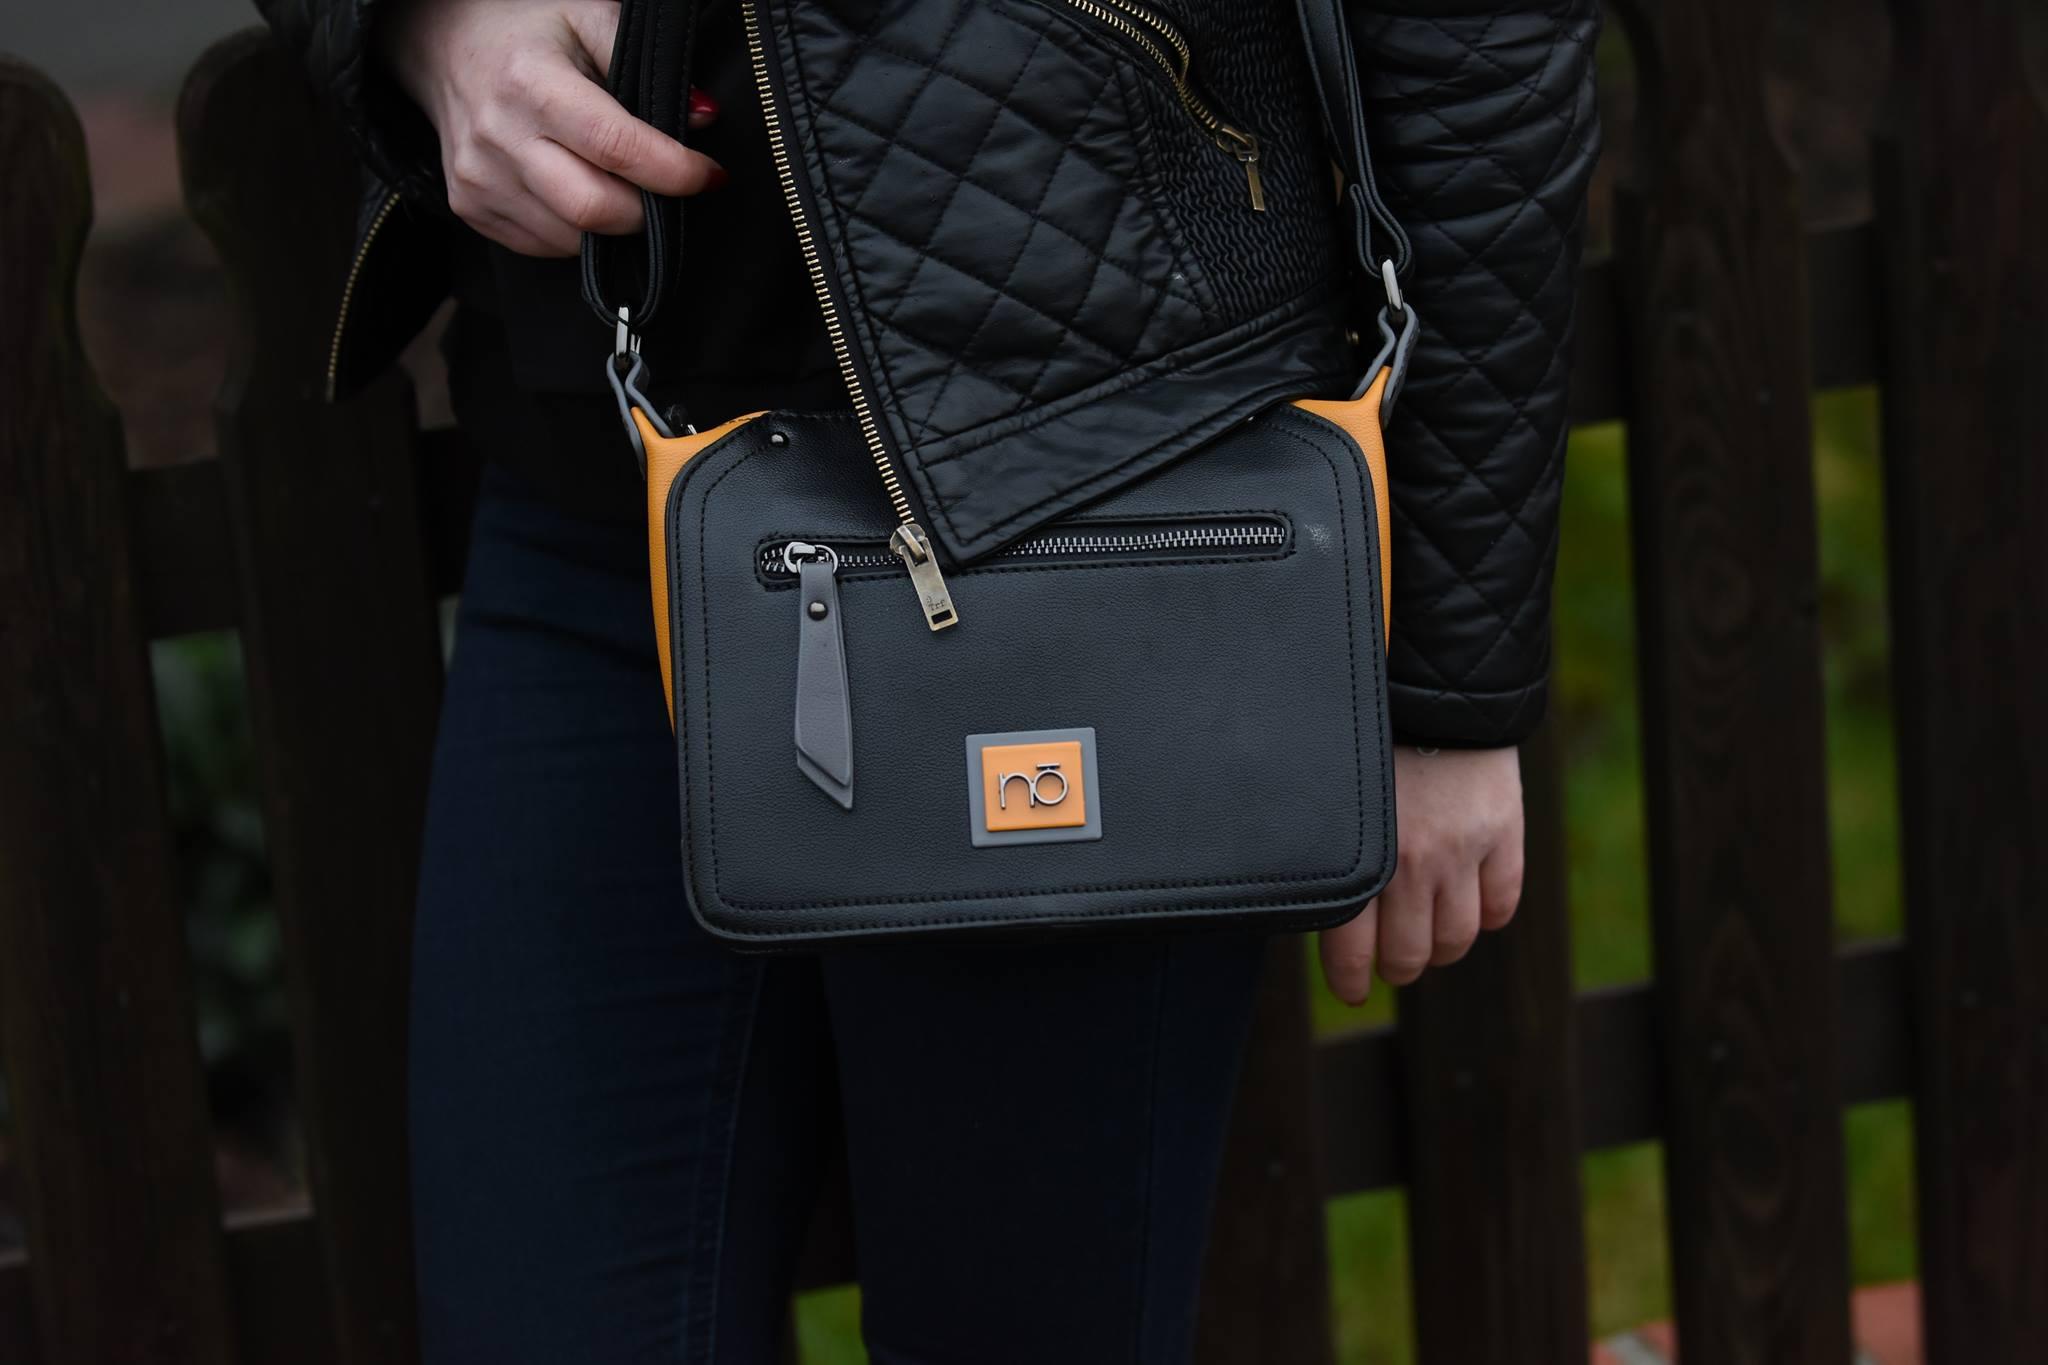 6aff147d4060d Jeśli nie wiemy jaki model do nas pasuje najlepiej mieć w szafie dwa modele  – dużą i małą torebkę. Podsumowując duża torebka przyda się na zakupy do  pracy i ...